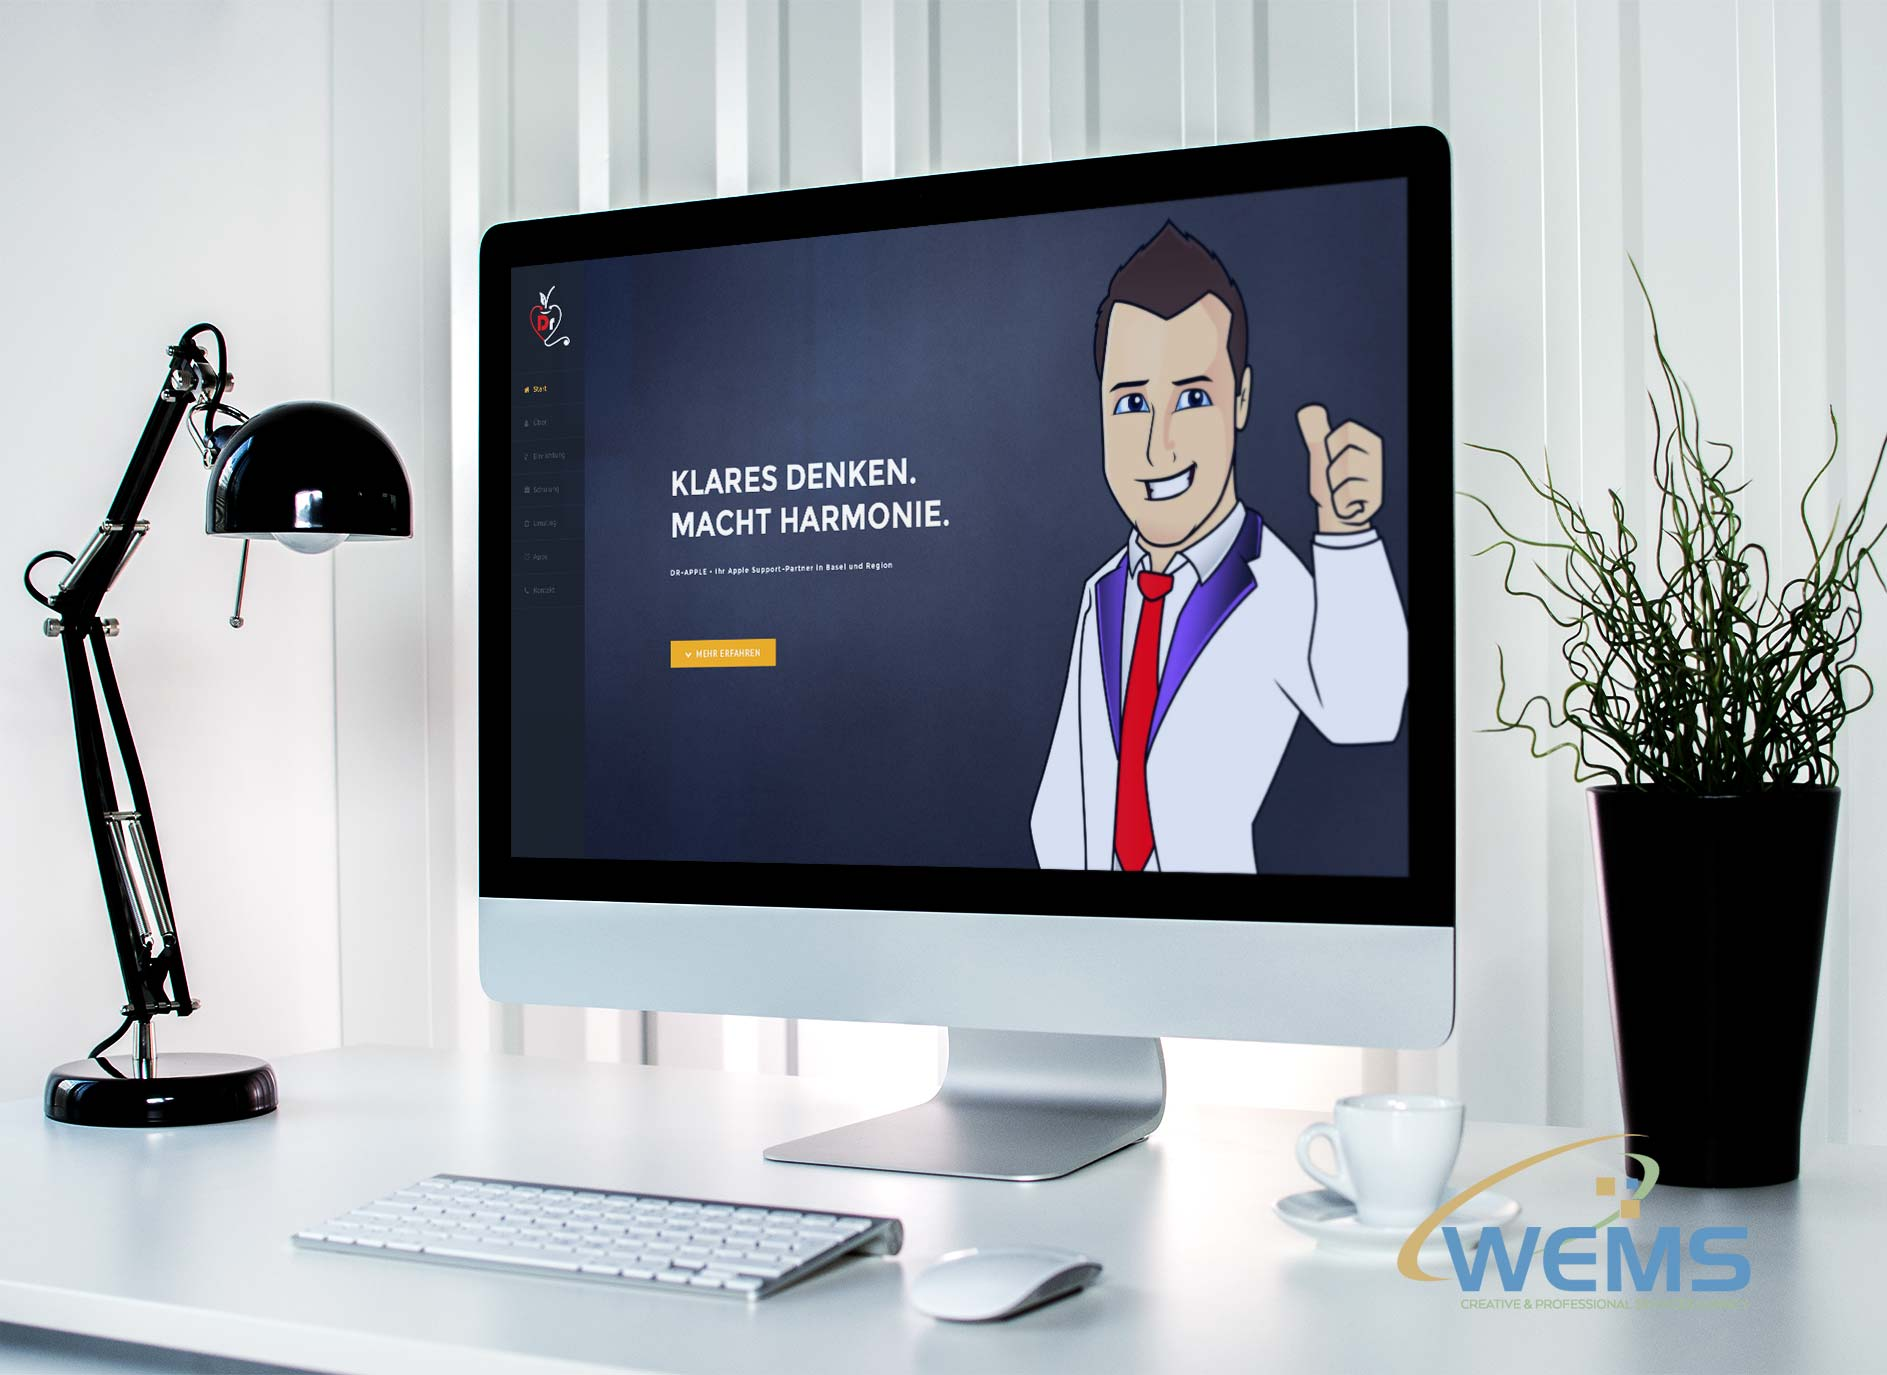 wems webdesign basel dr apple - Webdesign und Suchmaschinenoptimierung (SEO) Agentur